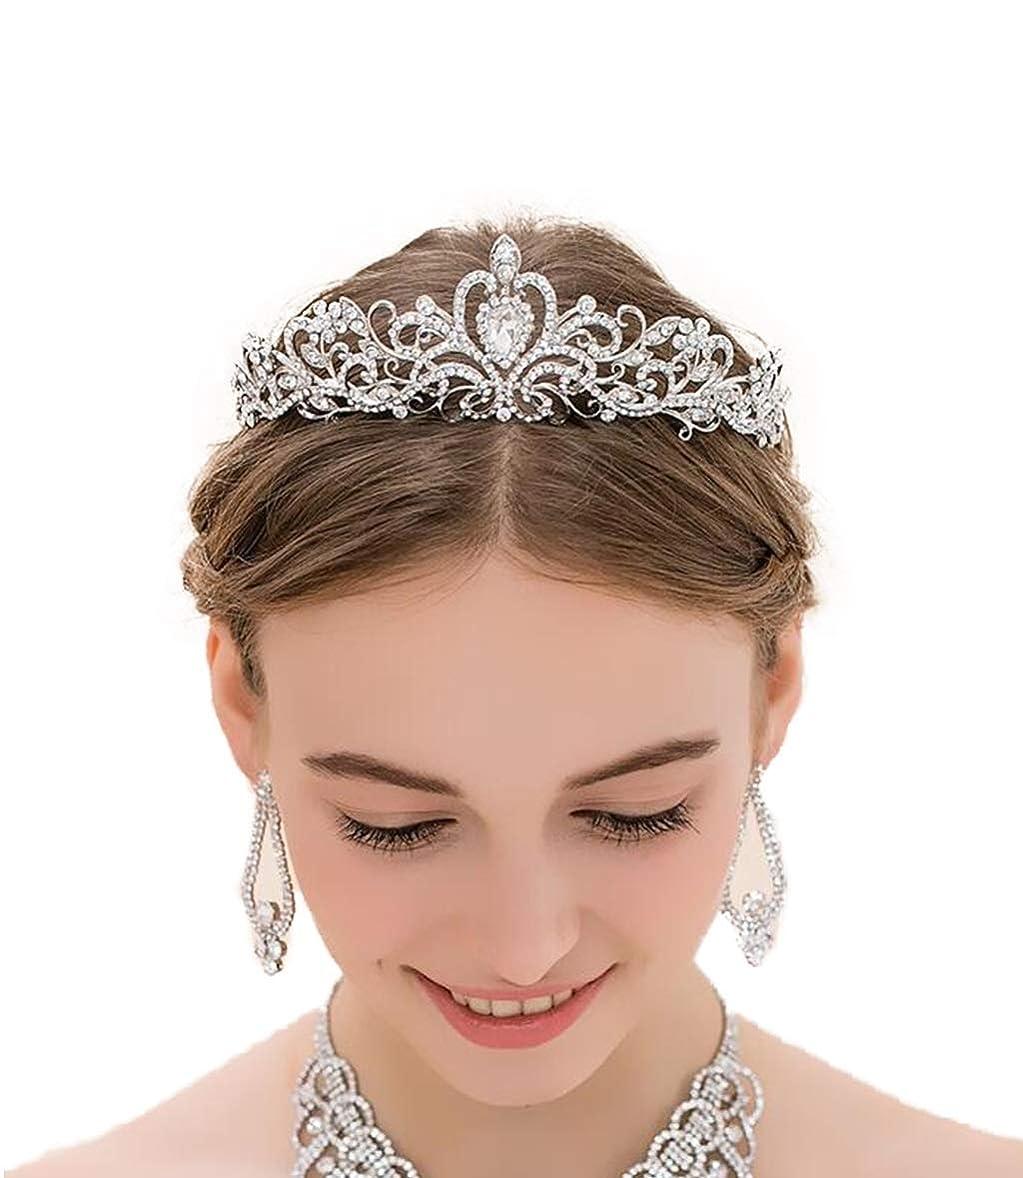 ウガンダ手段音声ヘアクラウンヘッドバンドラブレター花嫁のヘアアクセサリーヘッドドレスパーティーフェスティバルラインストーンクラウン (色 : A)